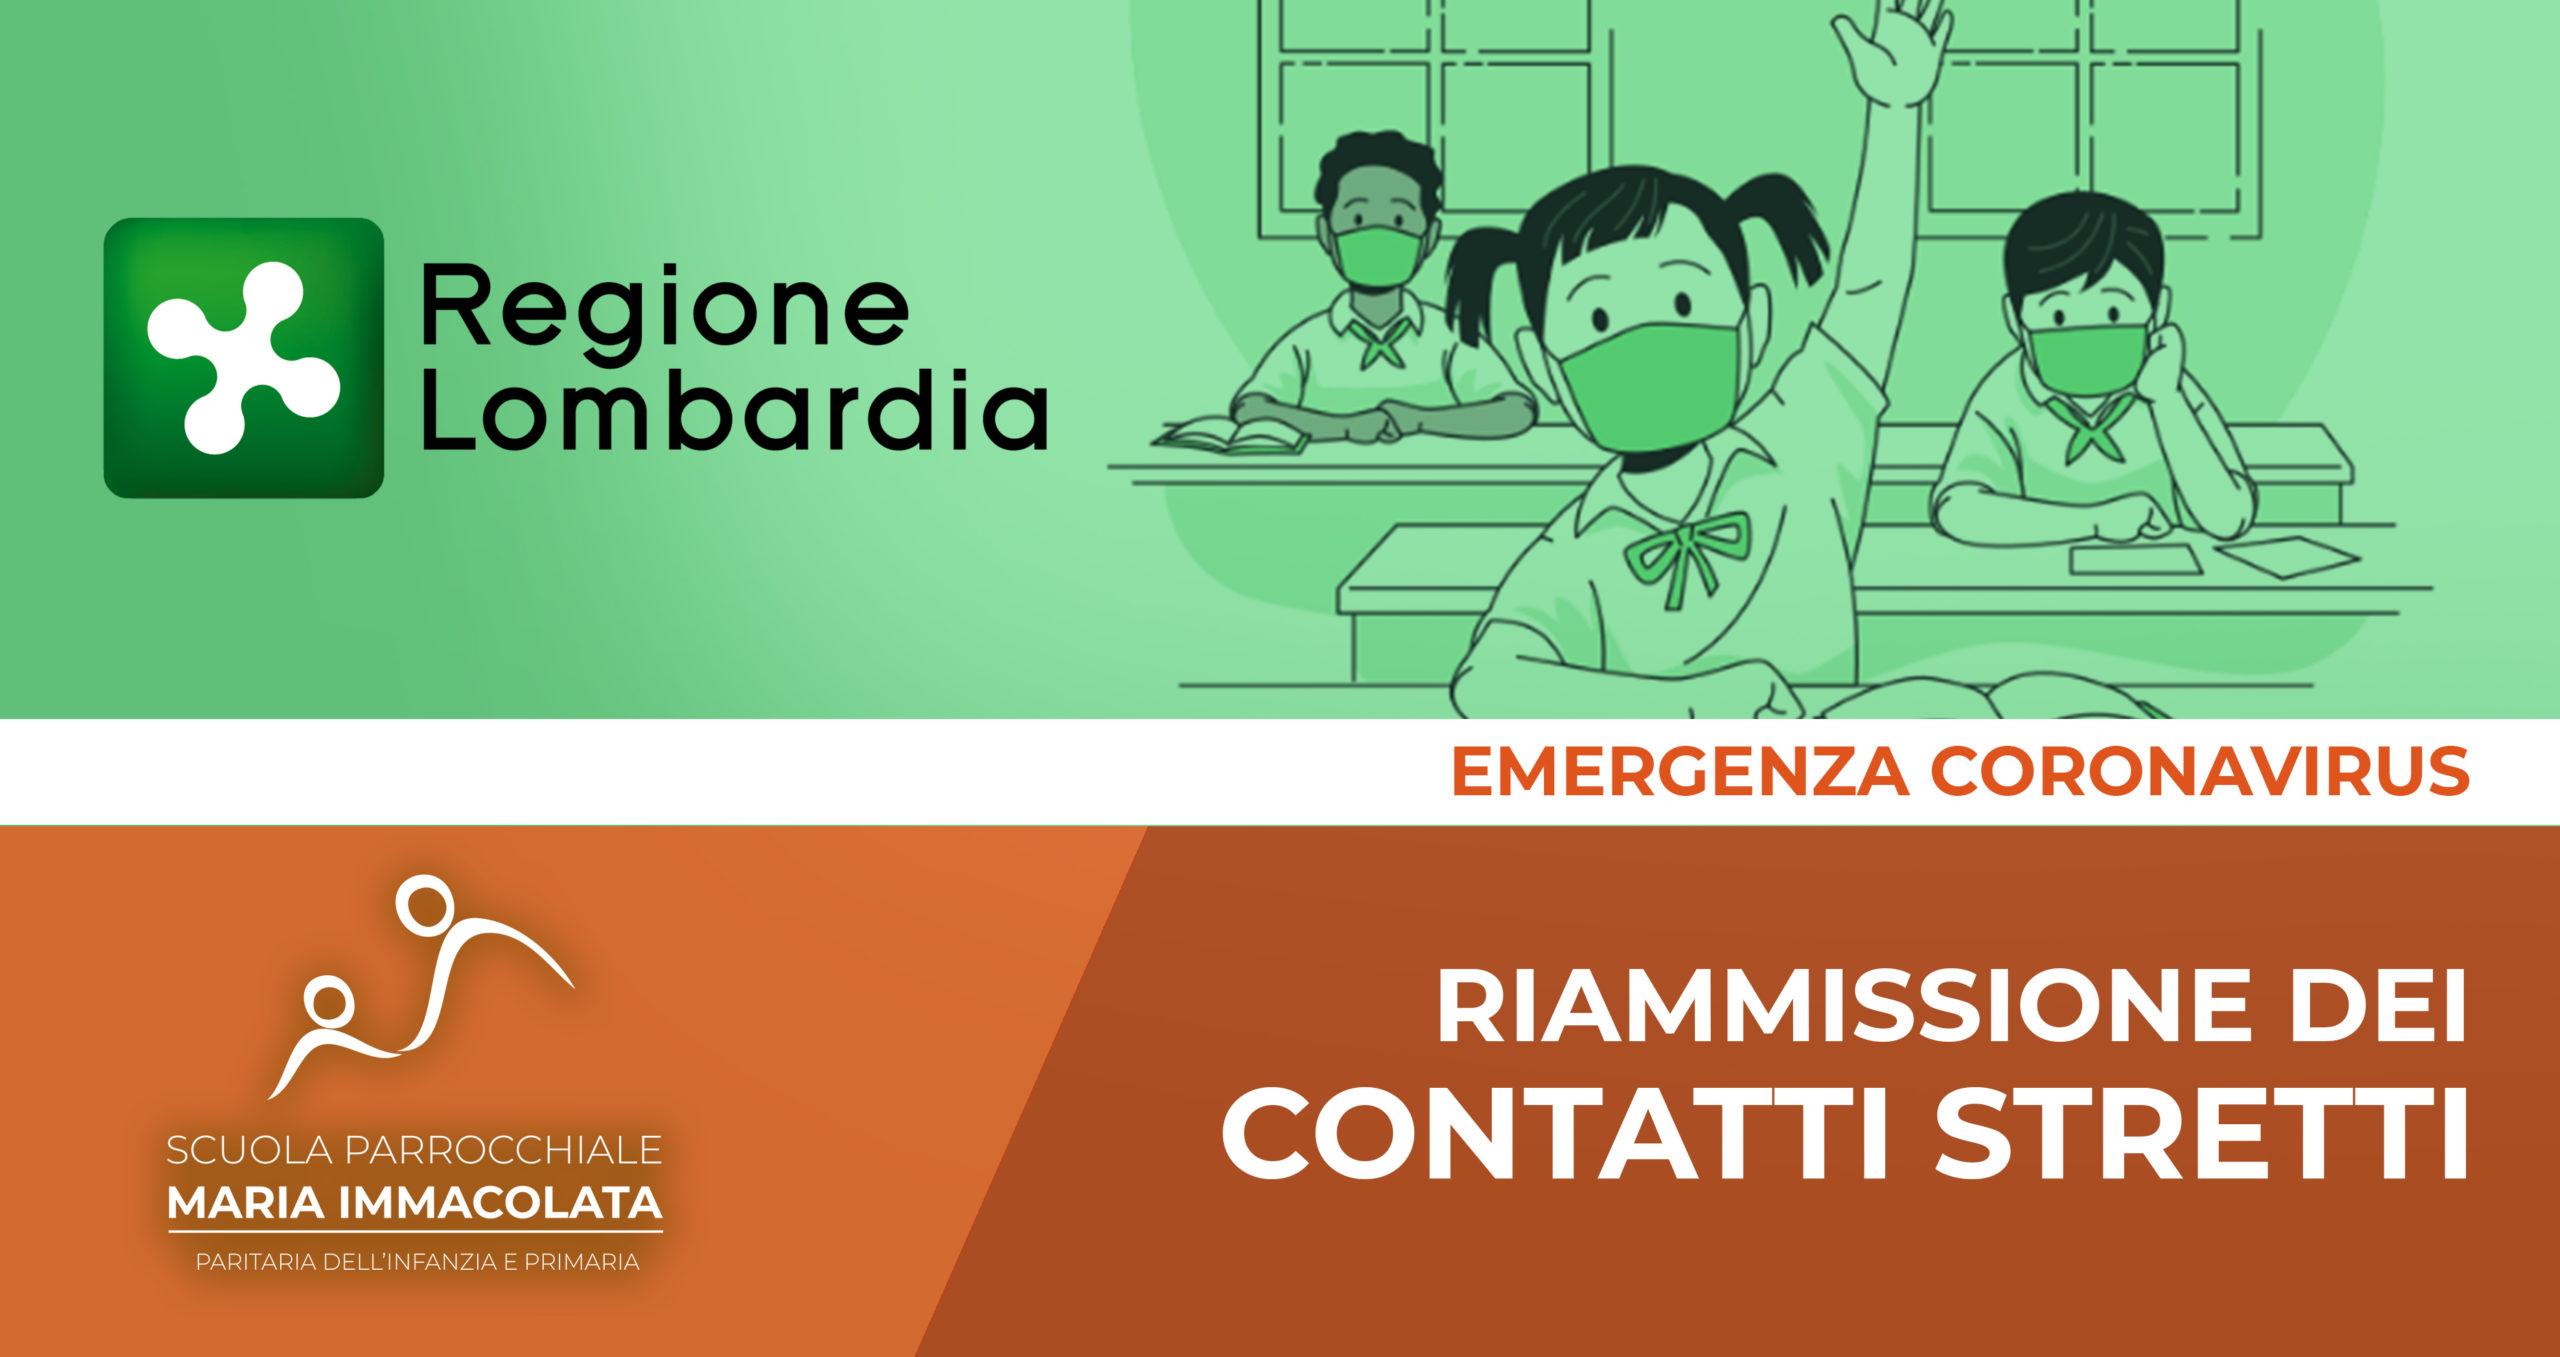 Chiarimenti di Regione Lombardia sulla riammissione dei contatti stretti